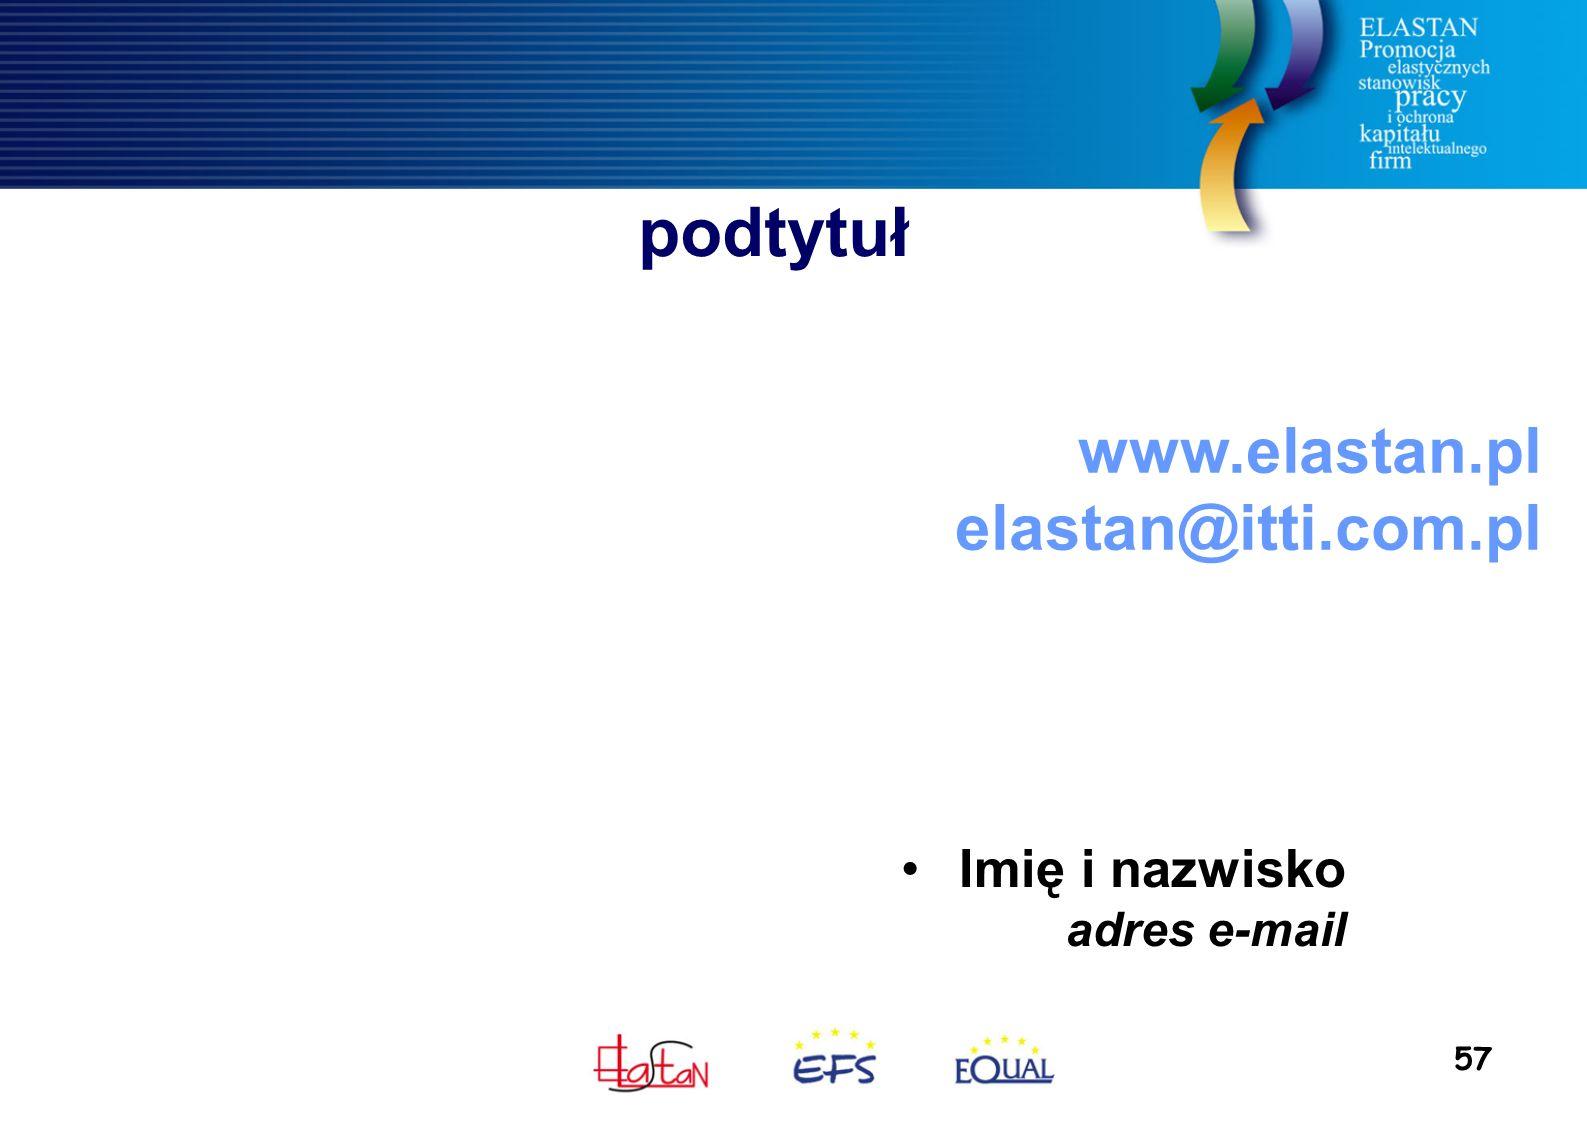 57 podtytuł www.elastan.pl elastan@itti.com.pl Imię i nazwisko adres e-mail